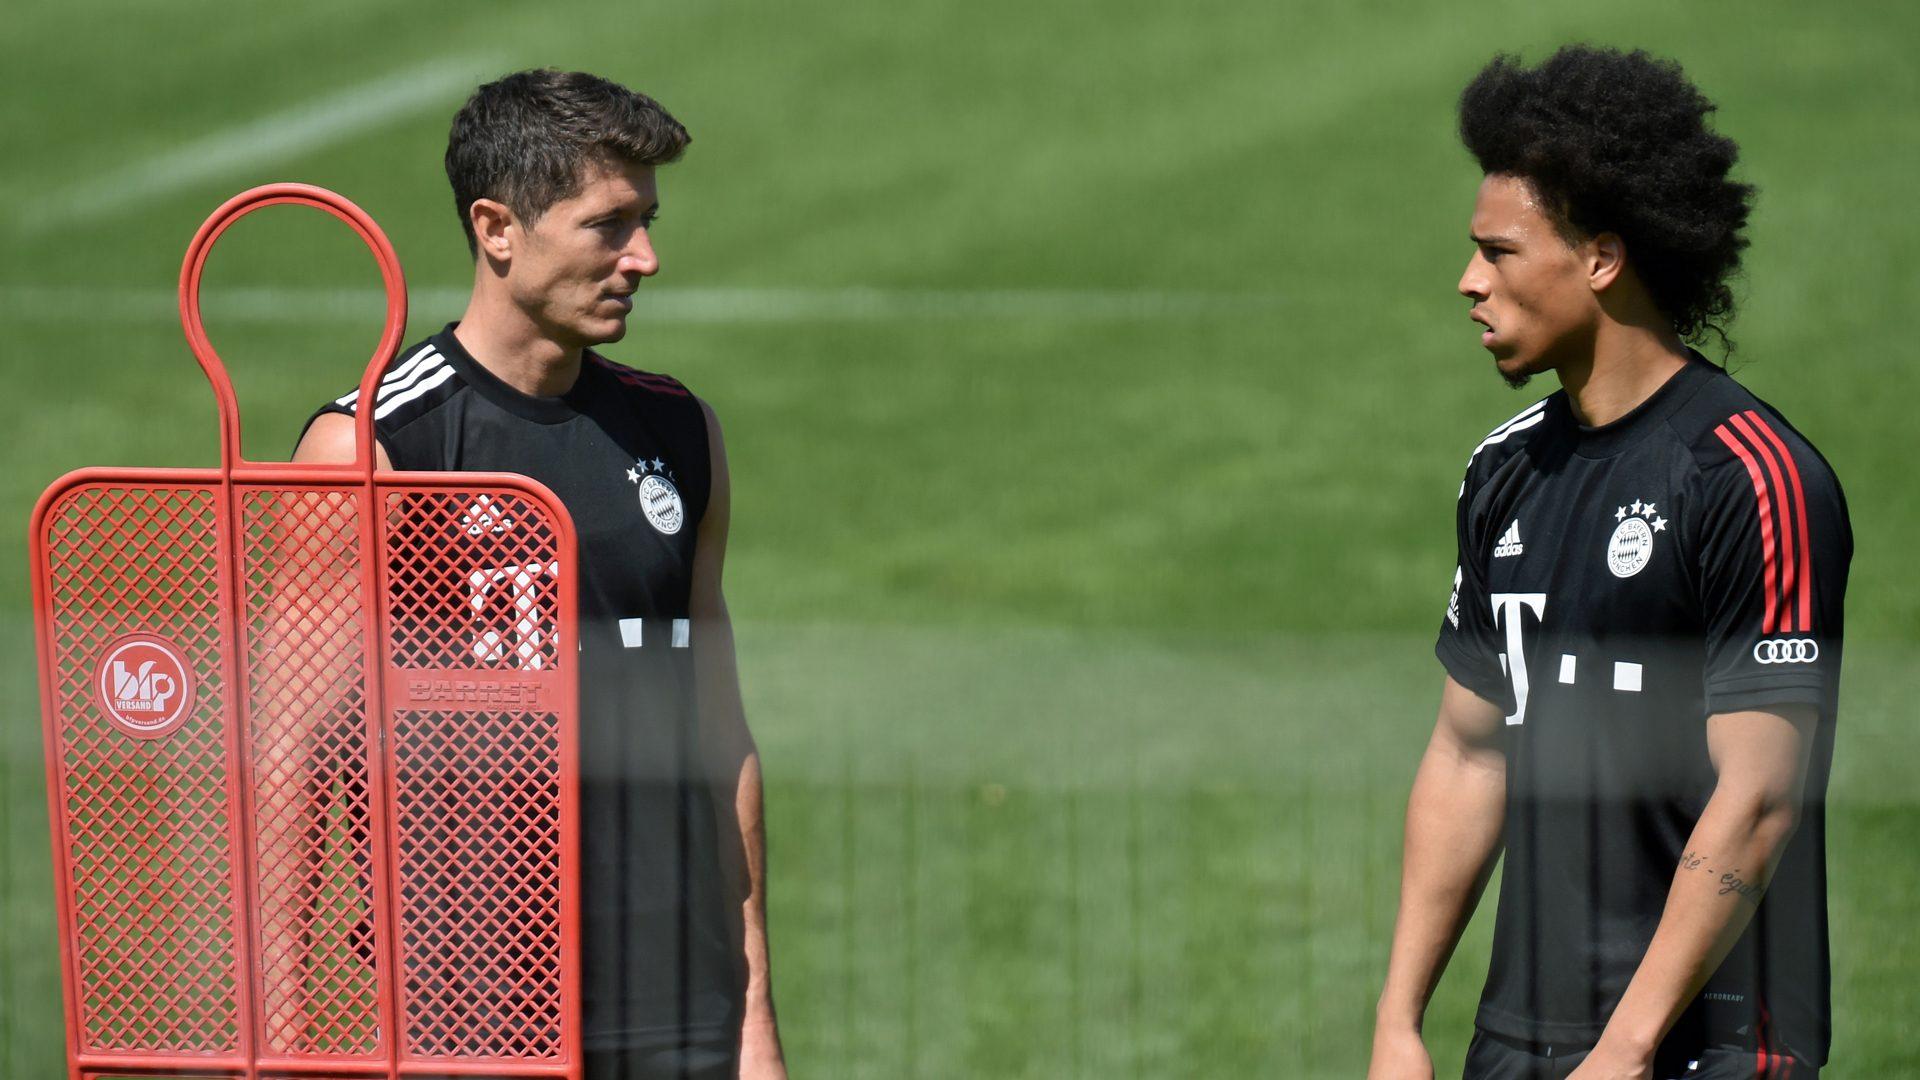 Bundesliga Summer Friendlies Overview What Are Bayern Munich